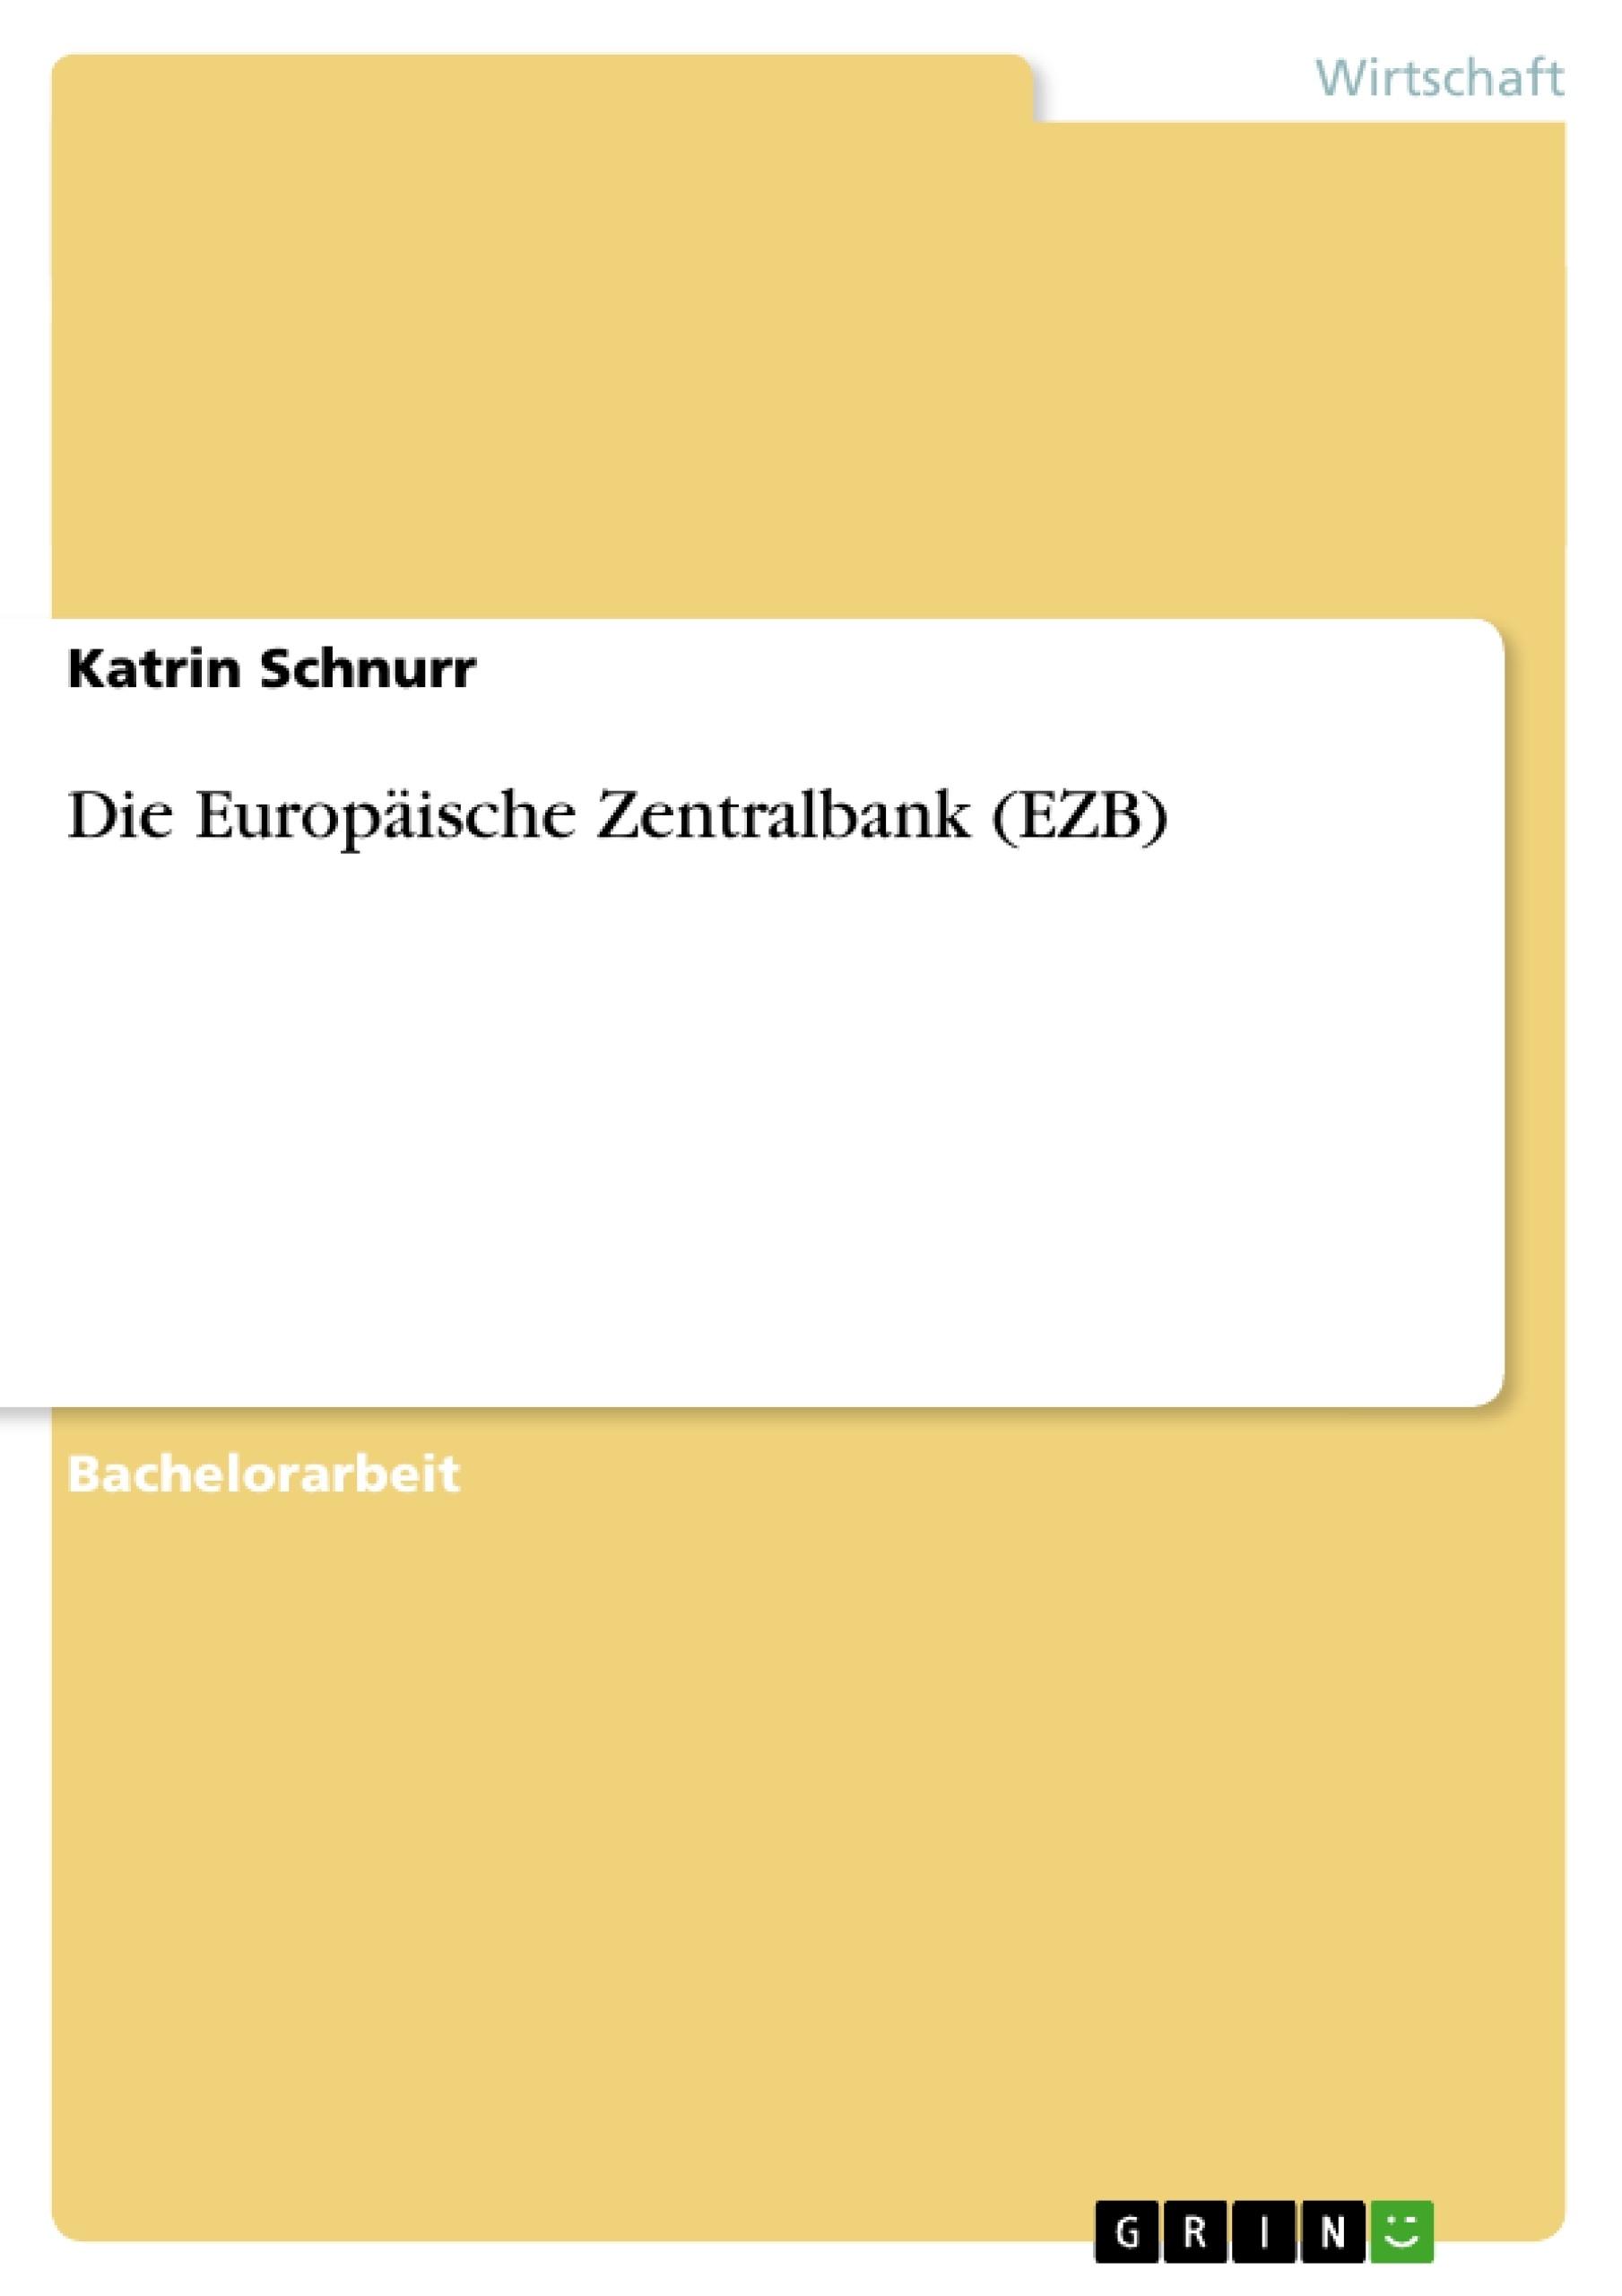 Titel: Die Europäische Zentralbank (EZB)